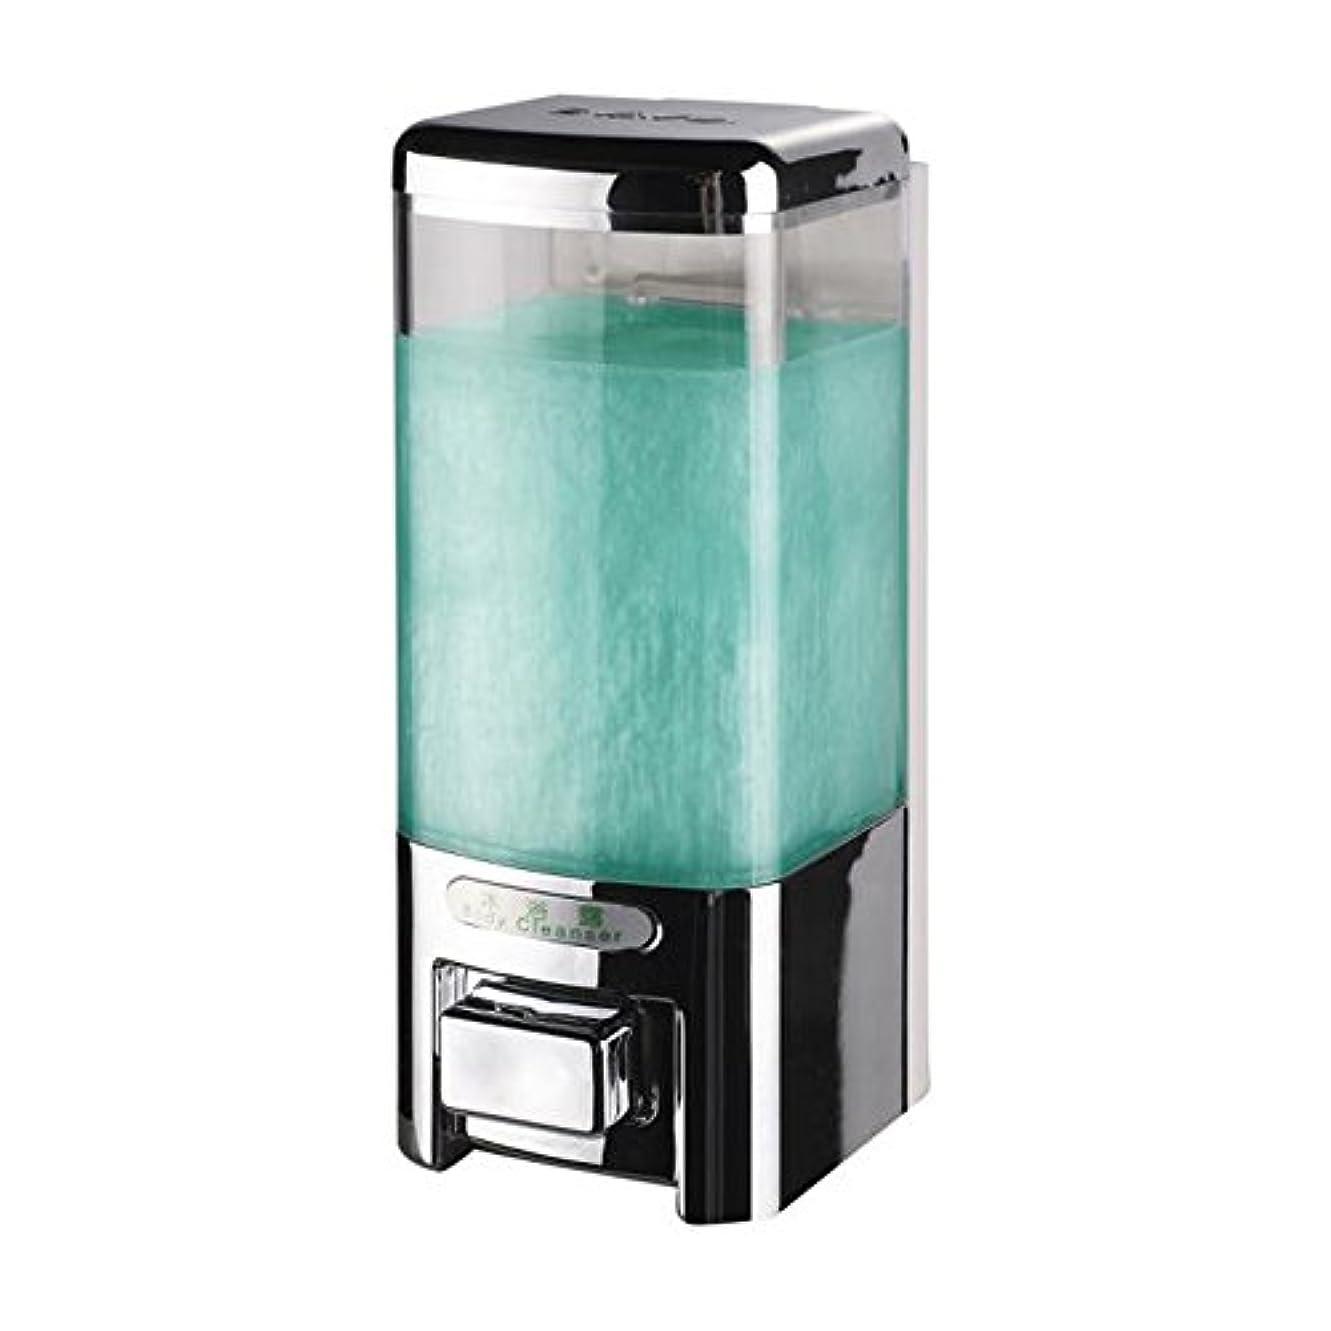 仲介者原稿危険Svavo v-8101プラスチック壁マウントHand Soap Dispenser forホテルキッチンバスルームホワイト、クロム500 ml 1のパック V-8101-Chrome